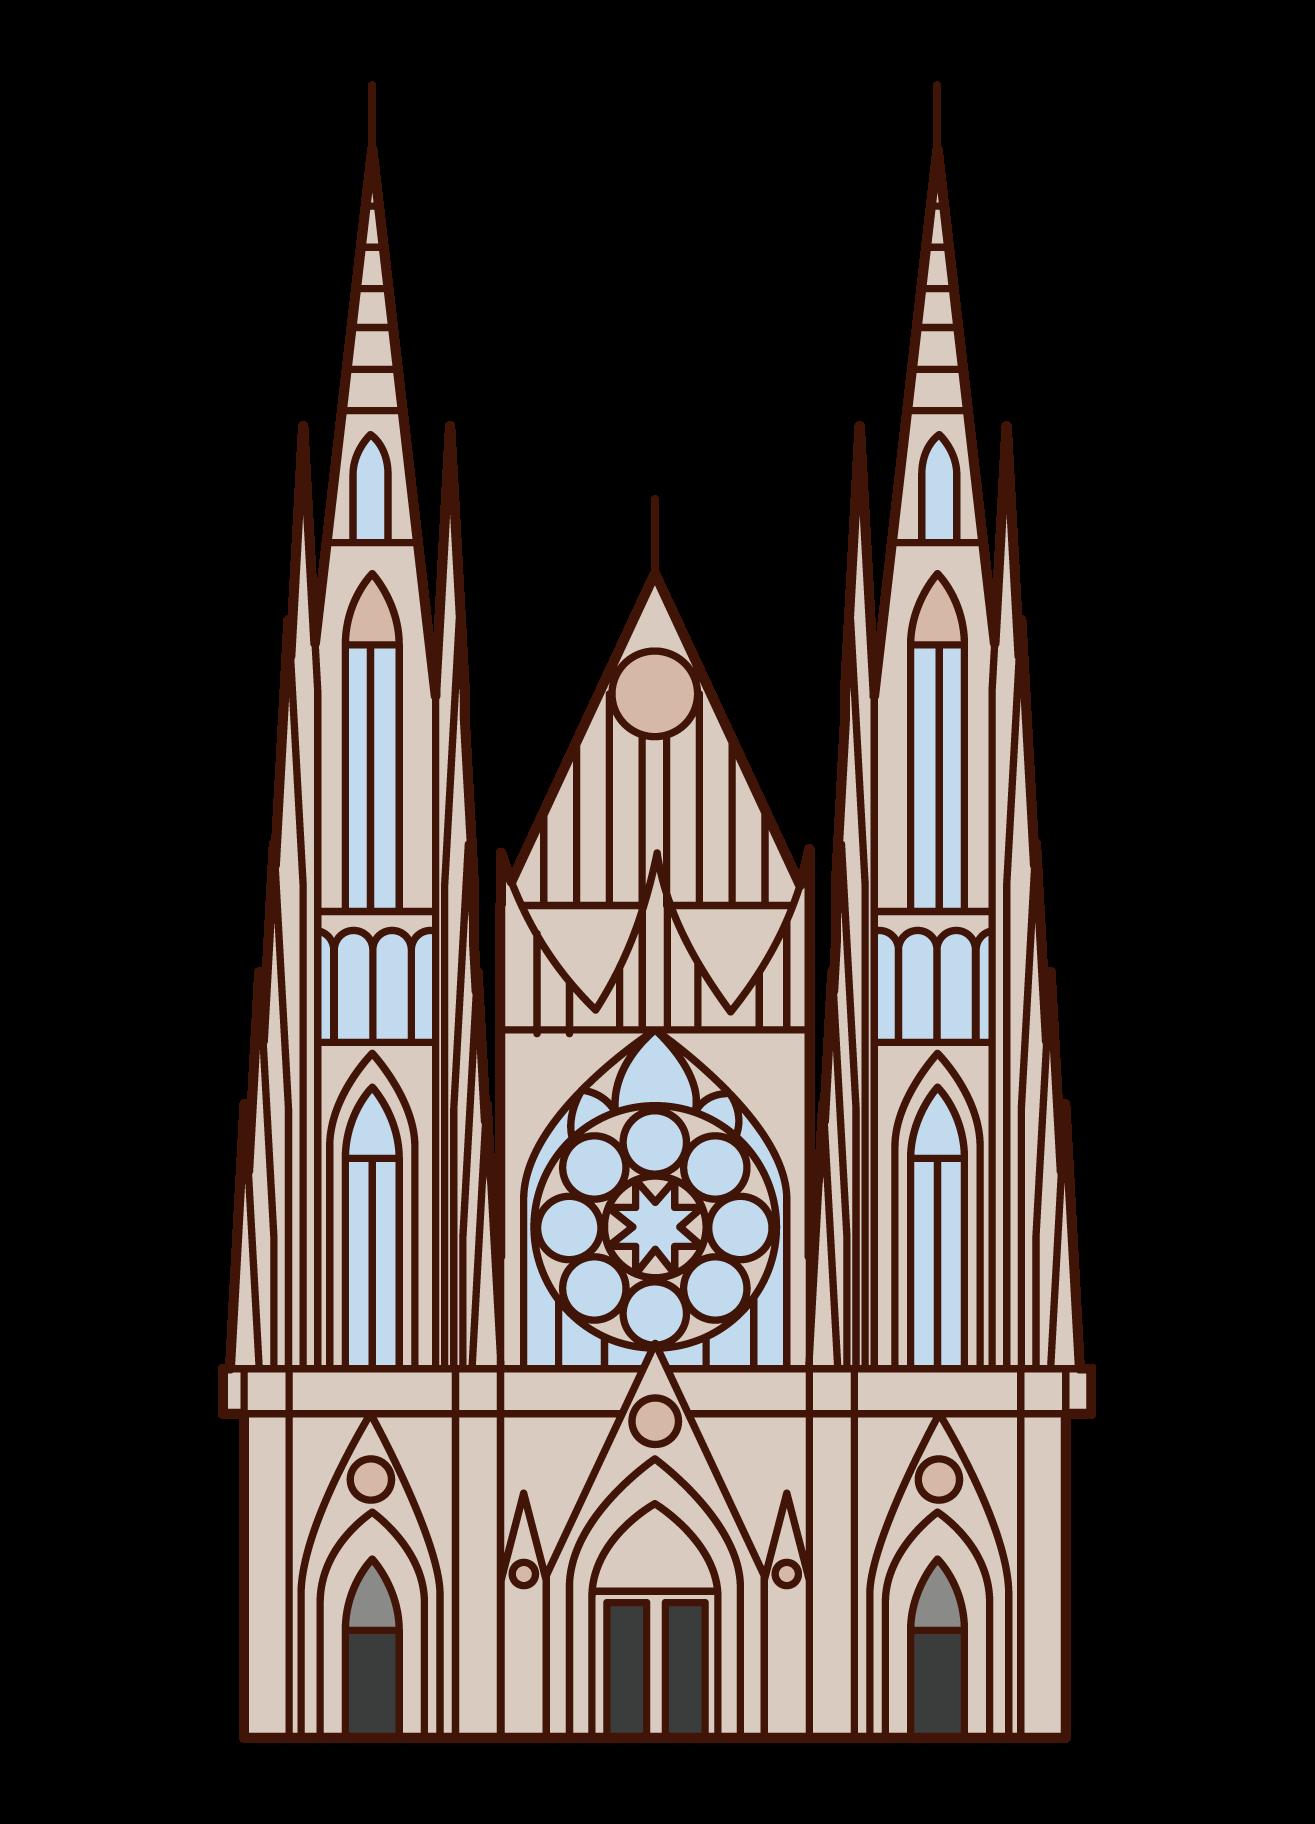 聖ヴィート大聖堂のイラスト